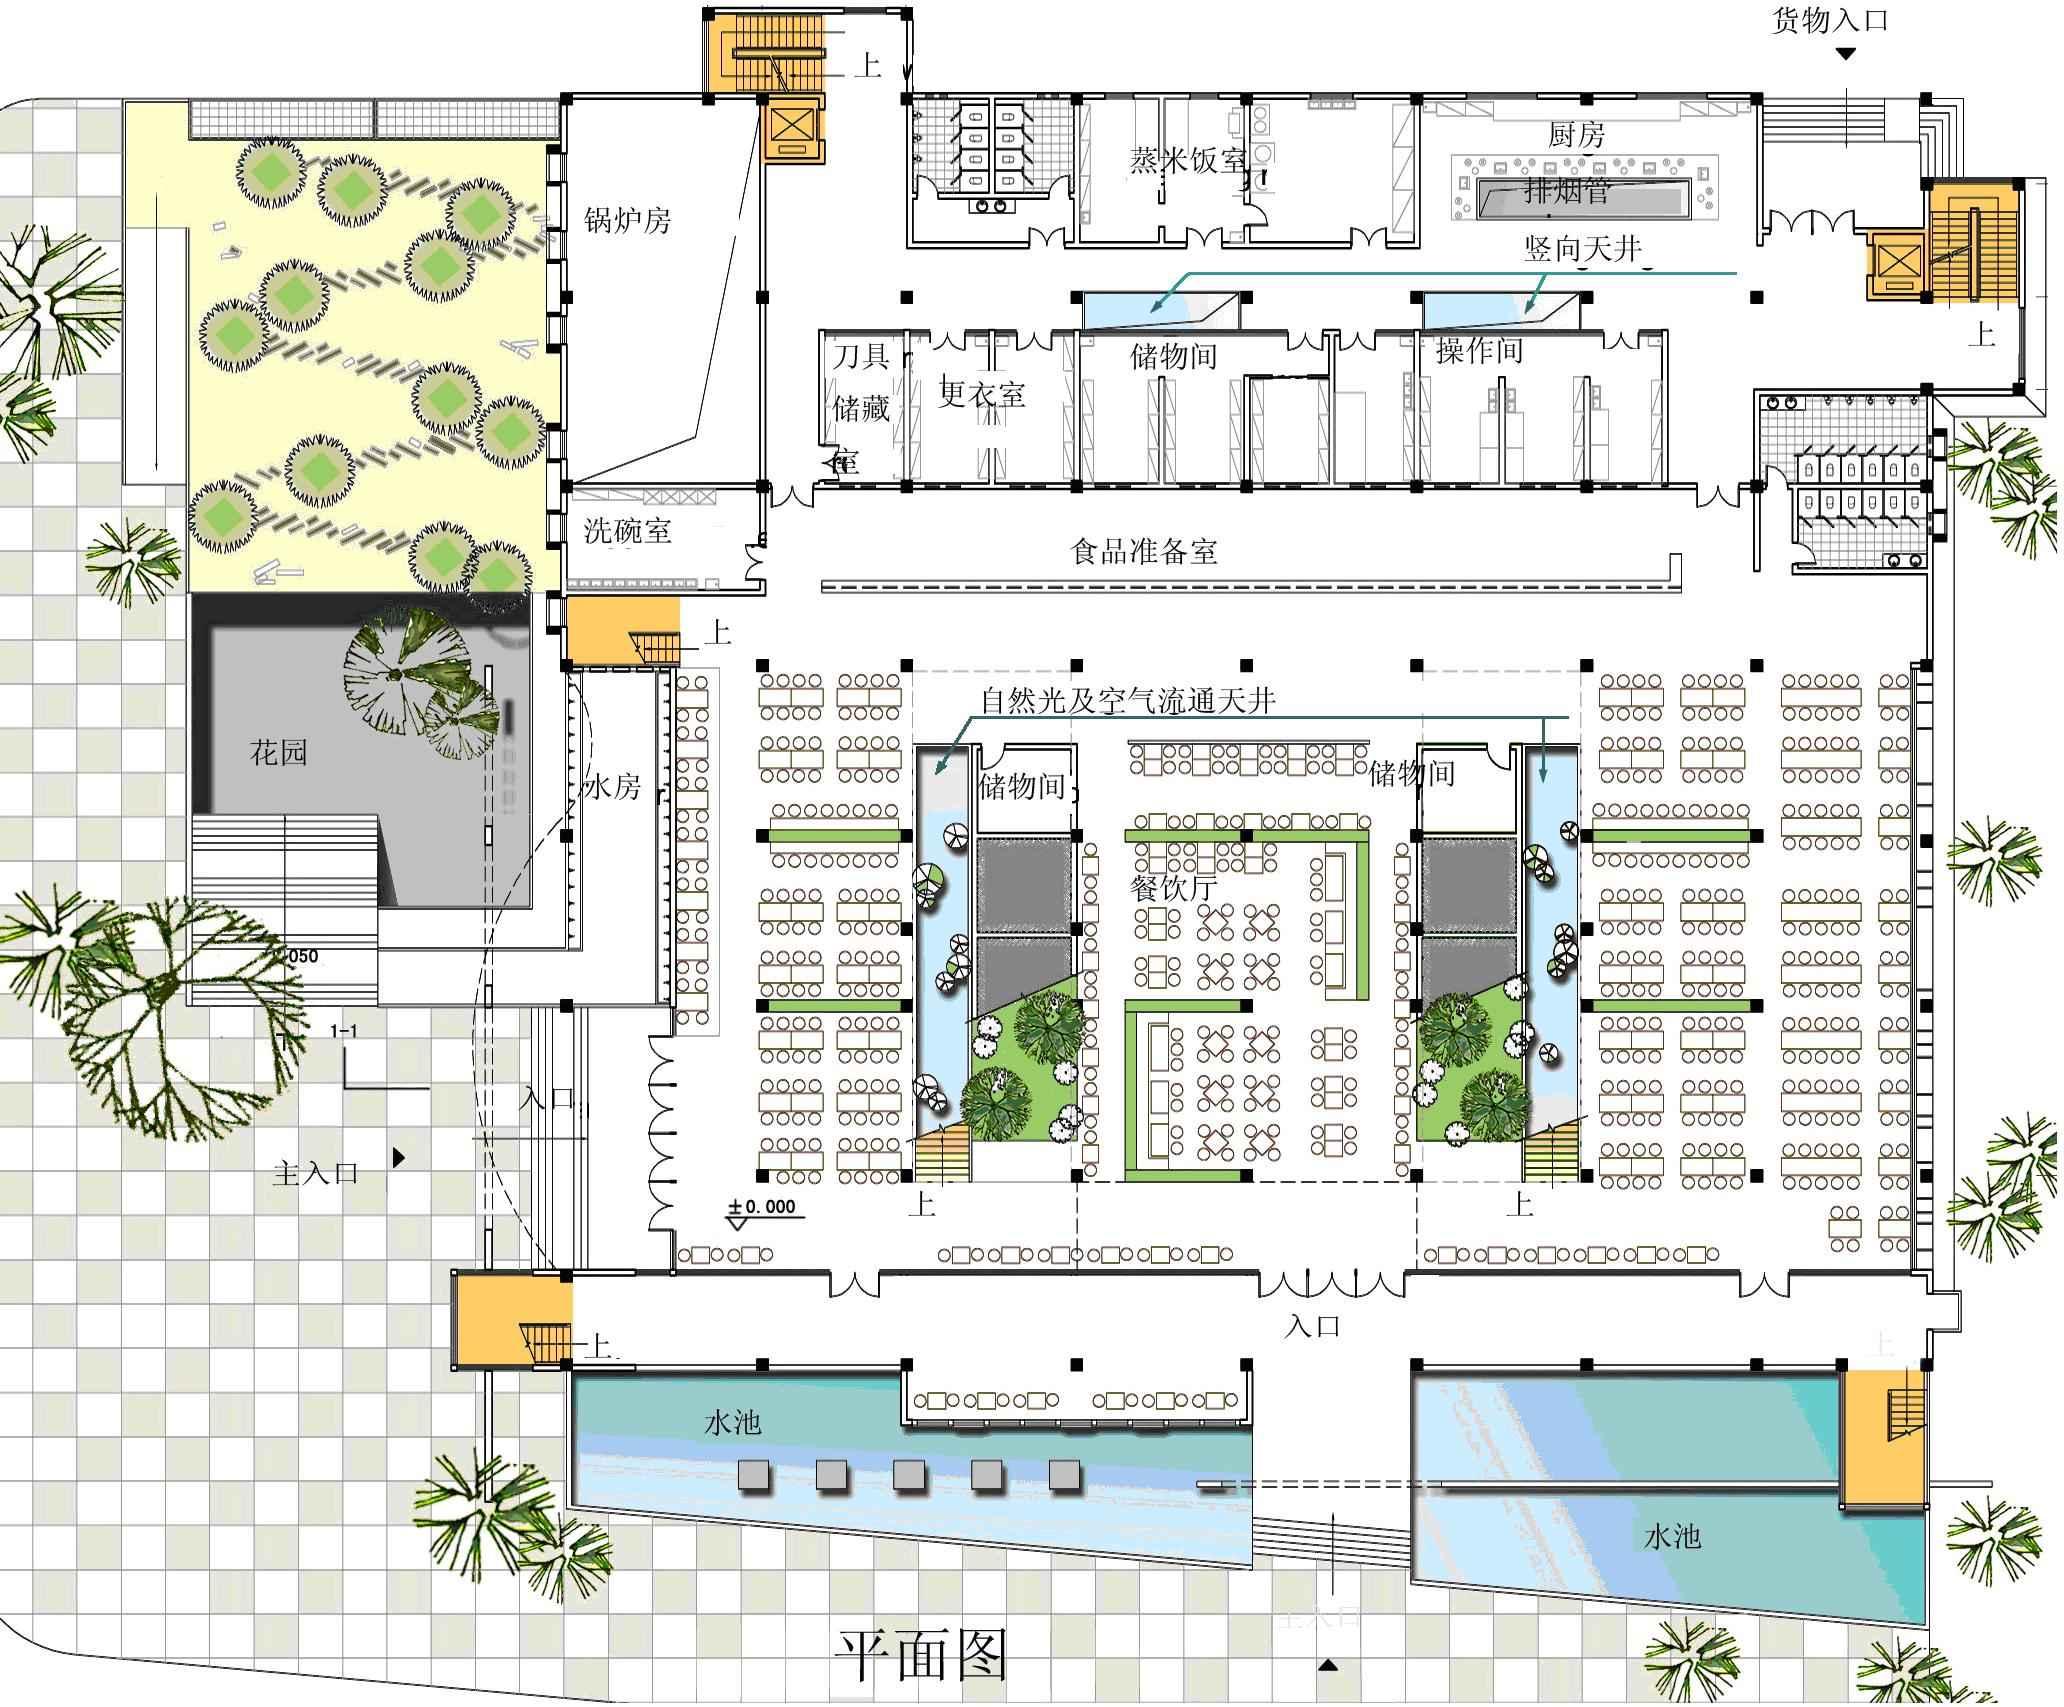 建筑空间结构的设计与优化